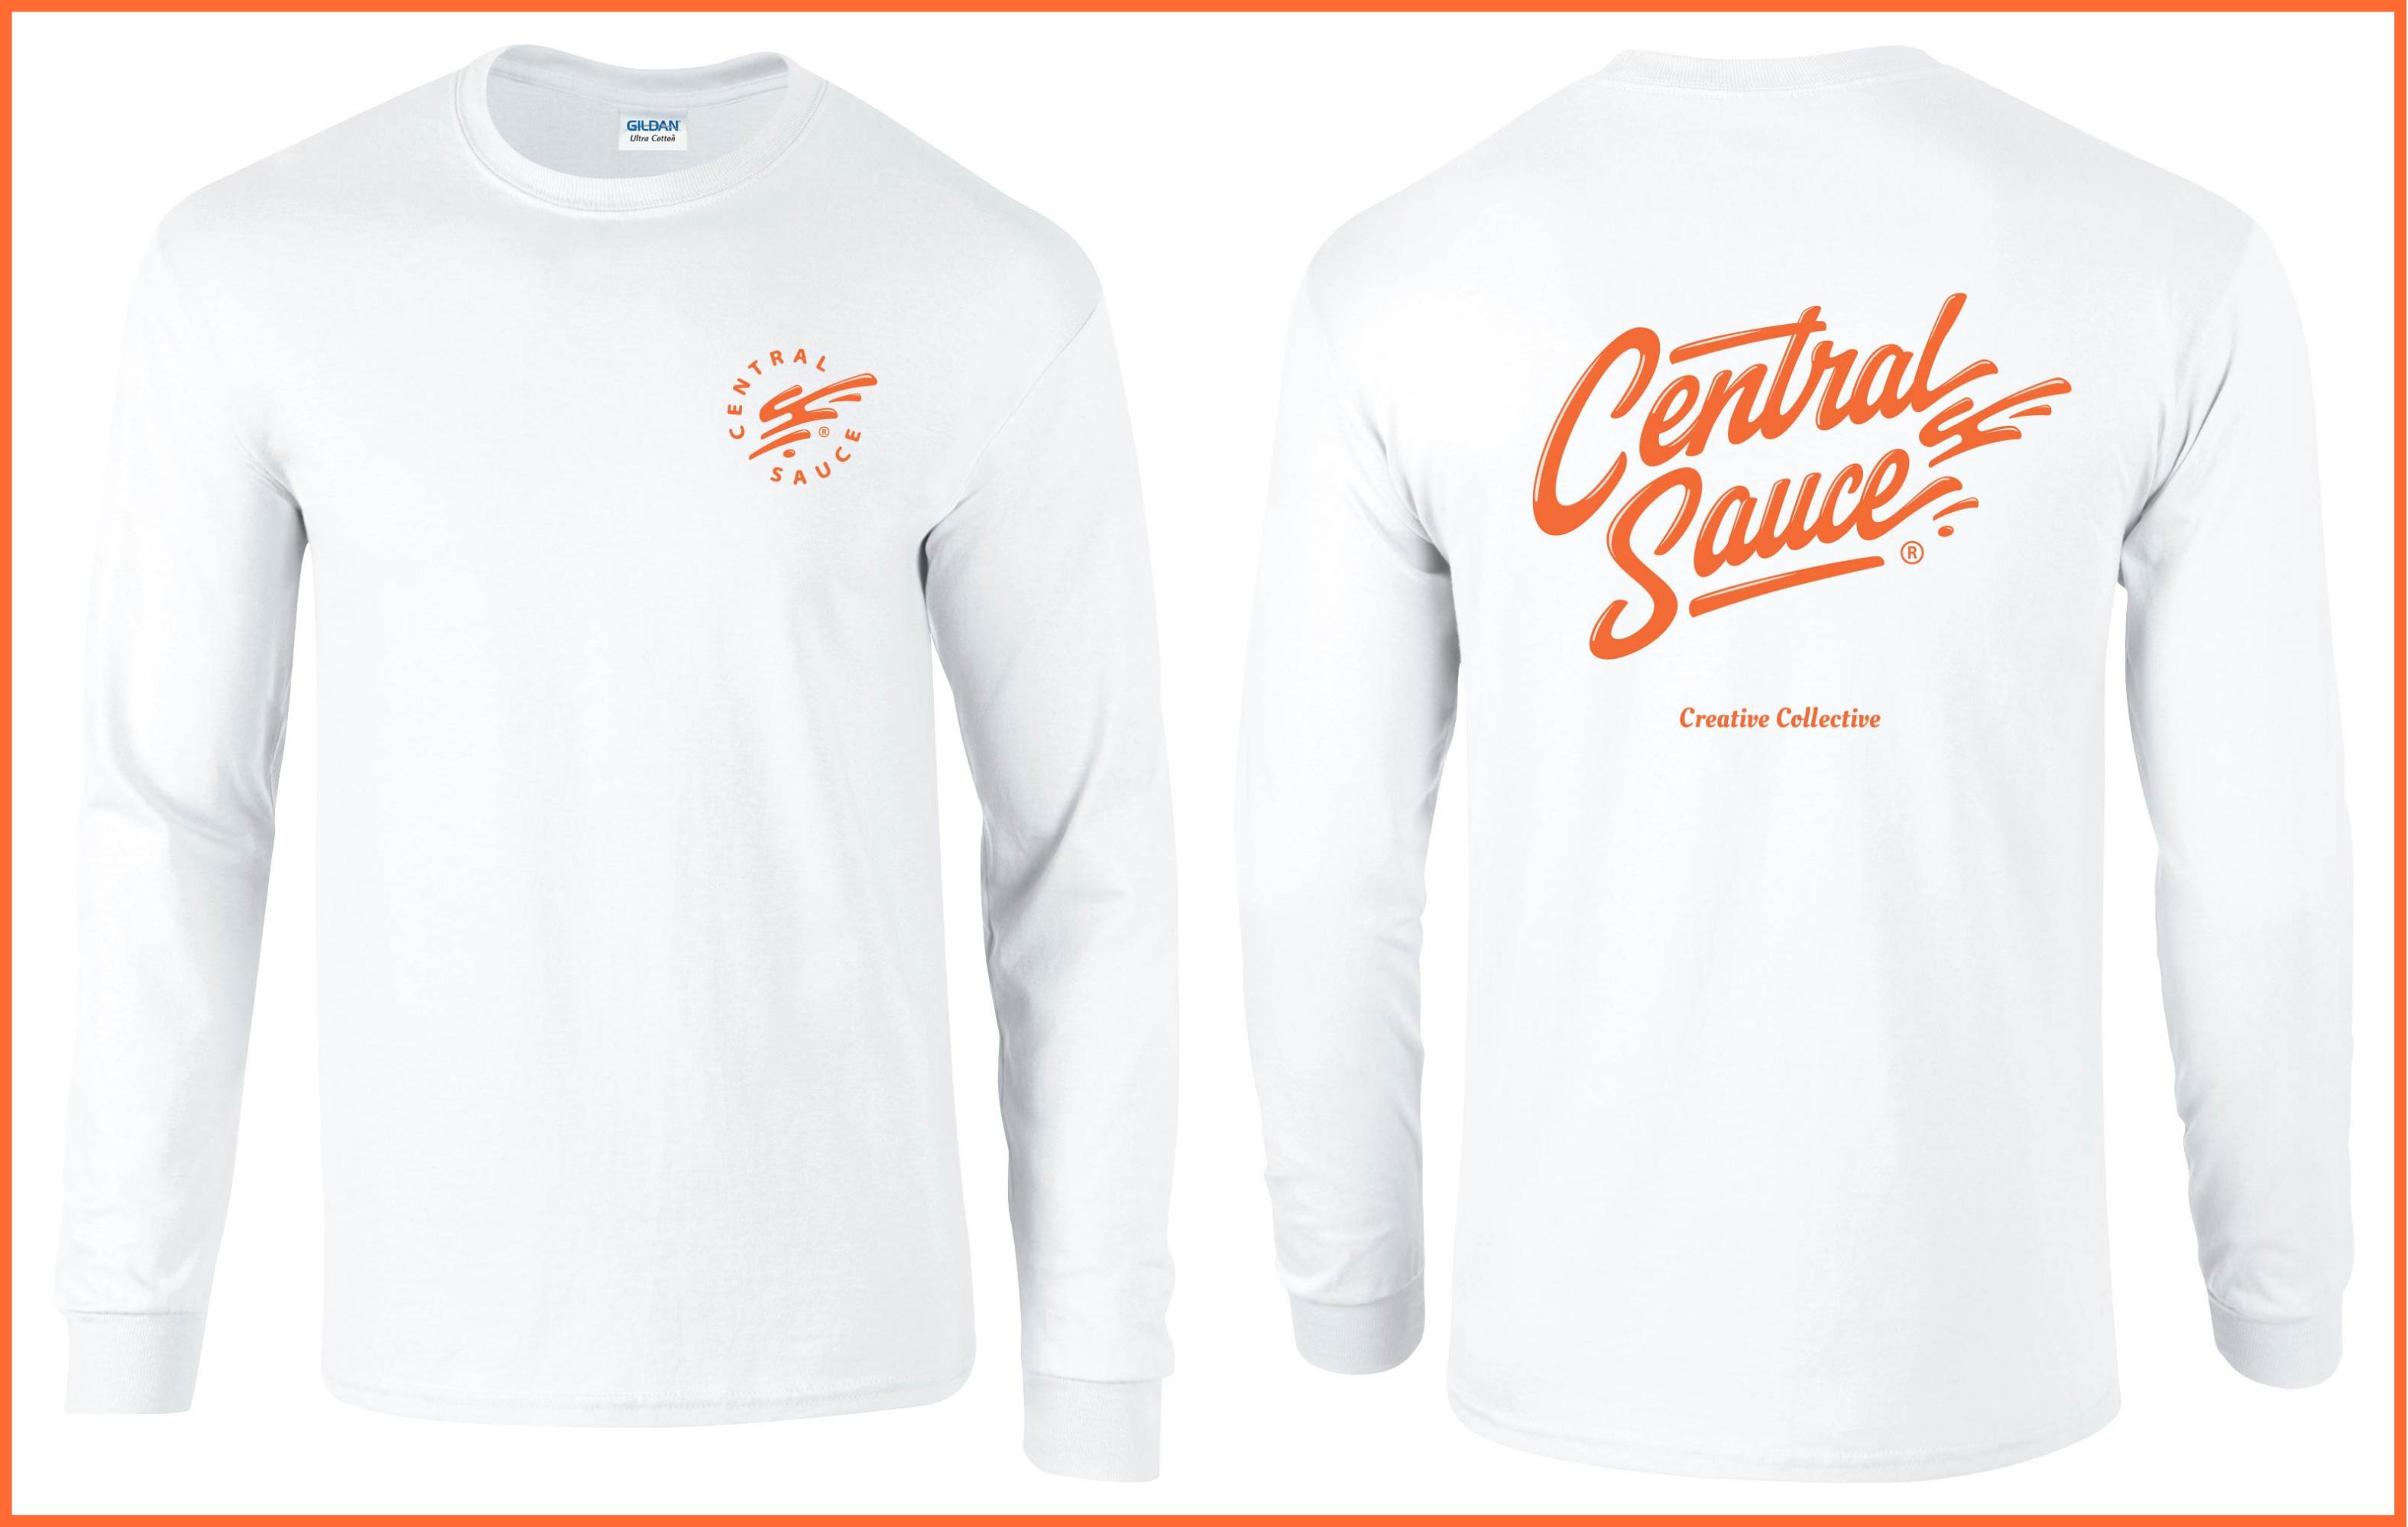 centralsauce shirt